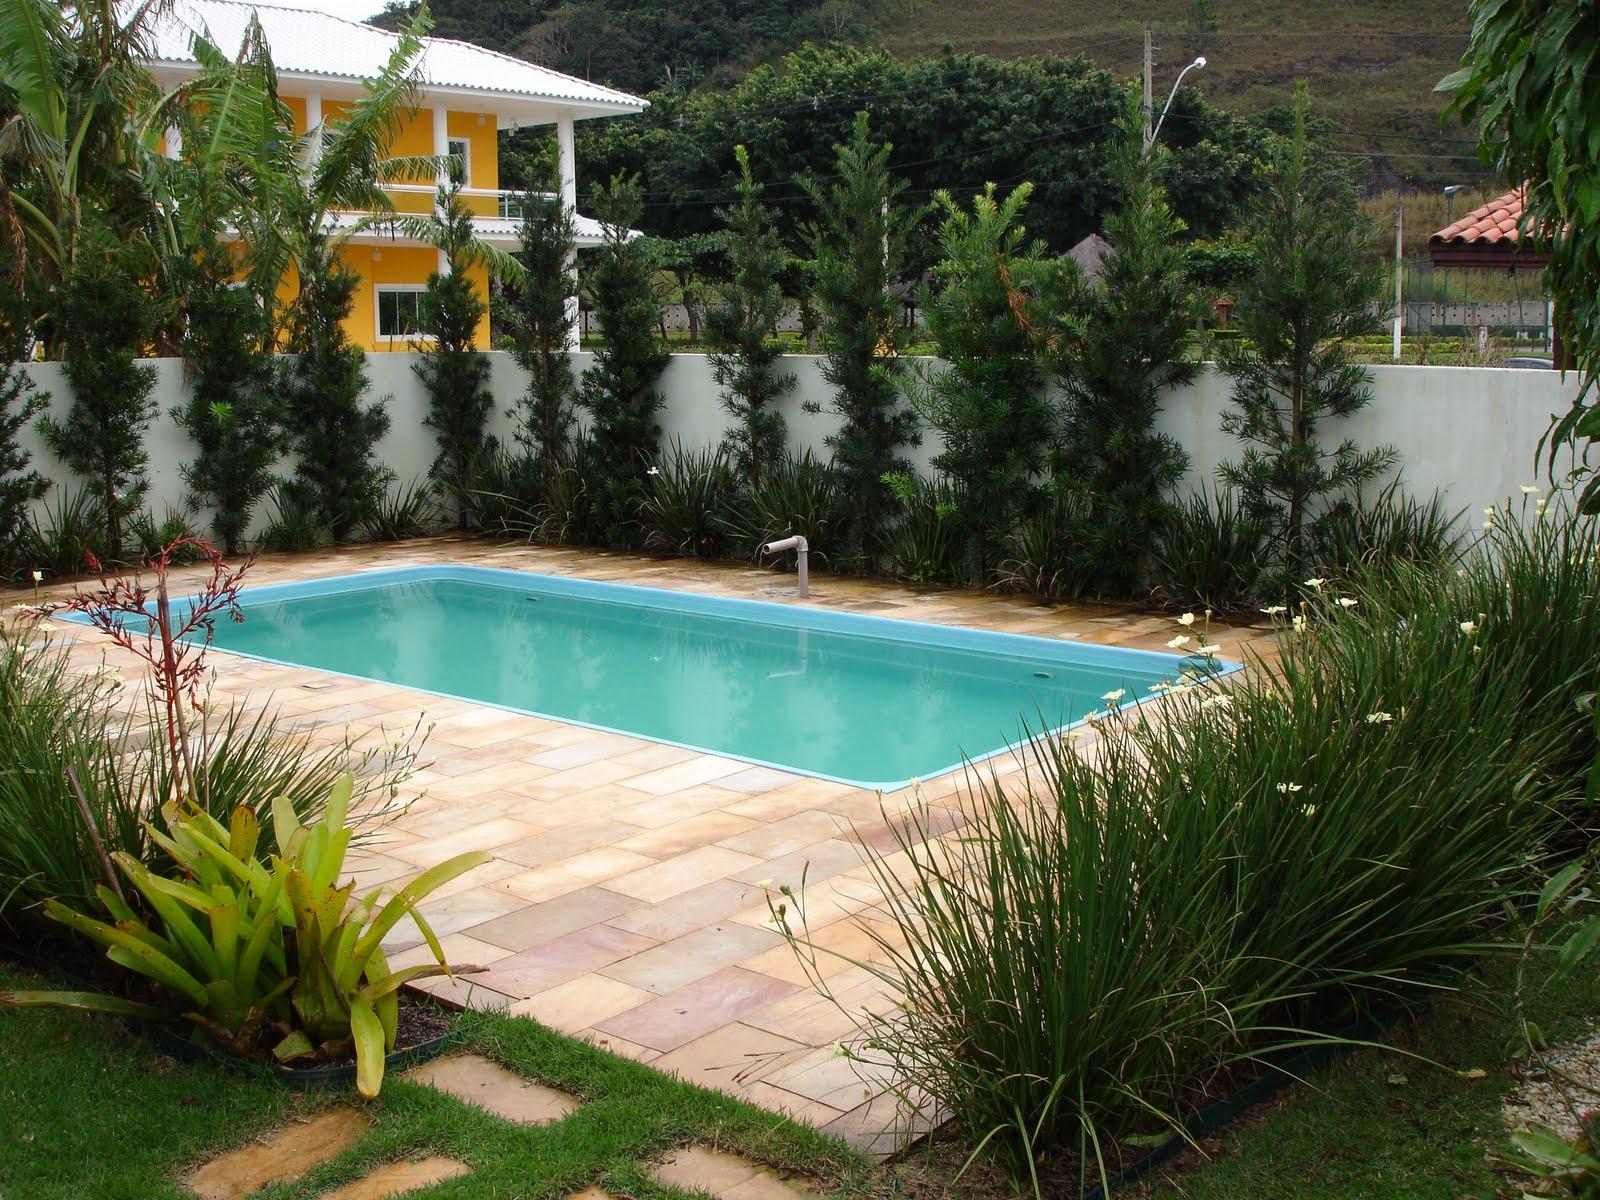 Dicas de paisagismo e jardinagem com piscina decorando casas for Plantas para piscinas